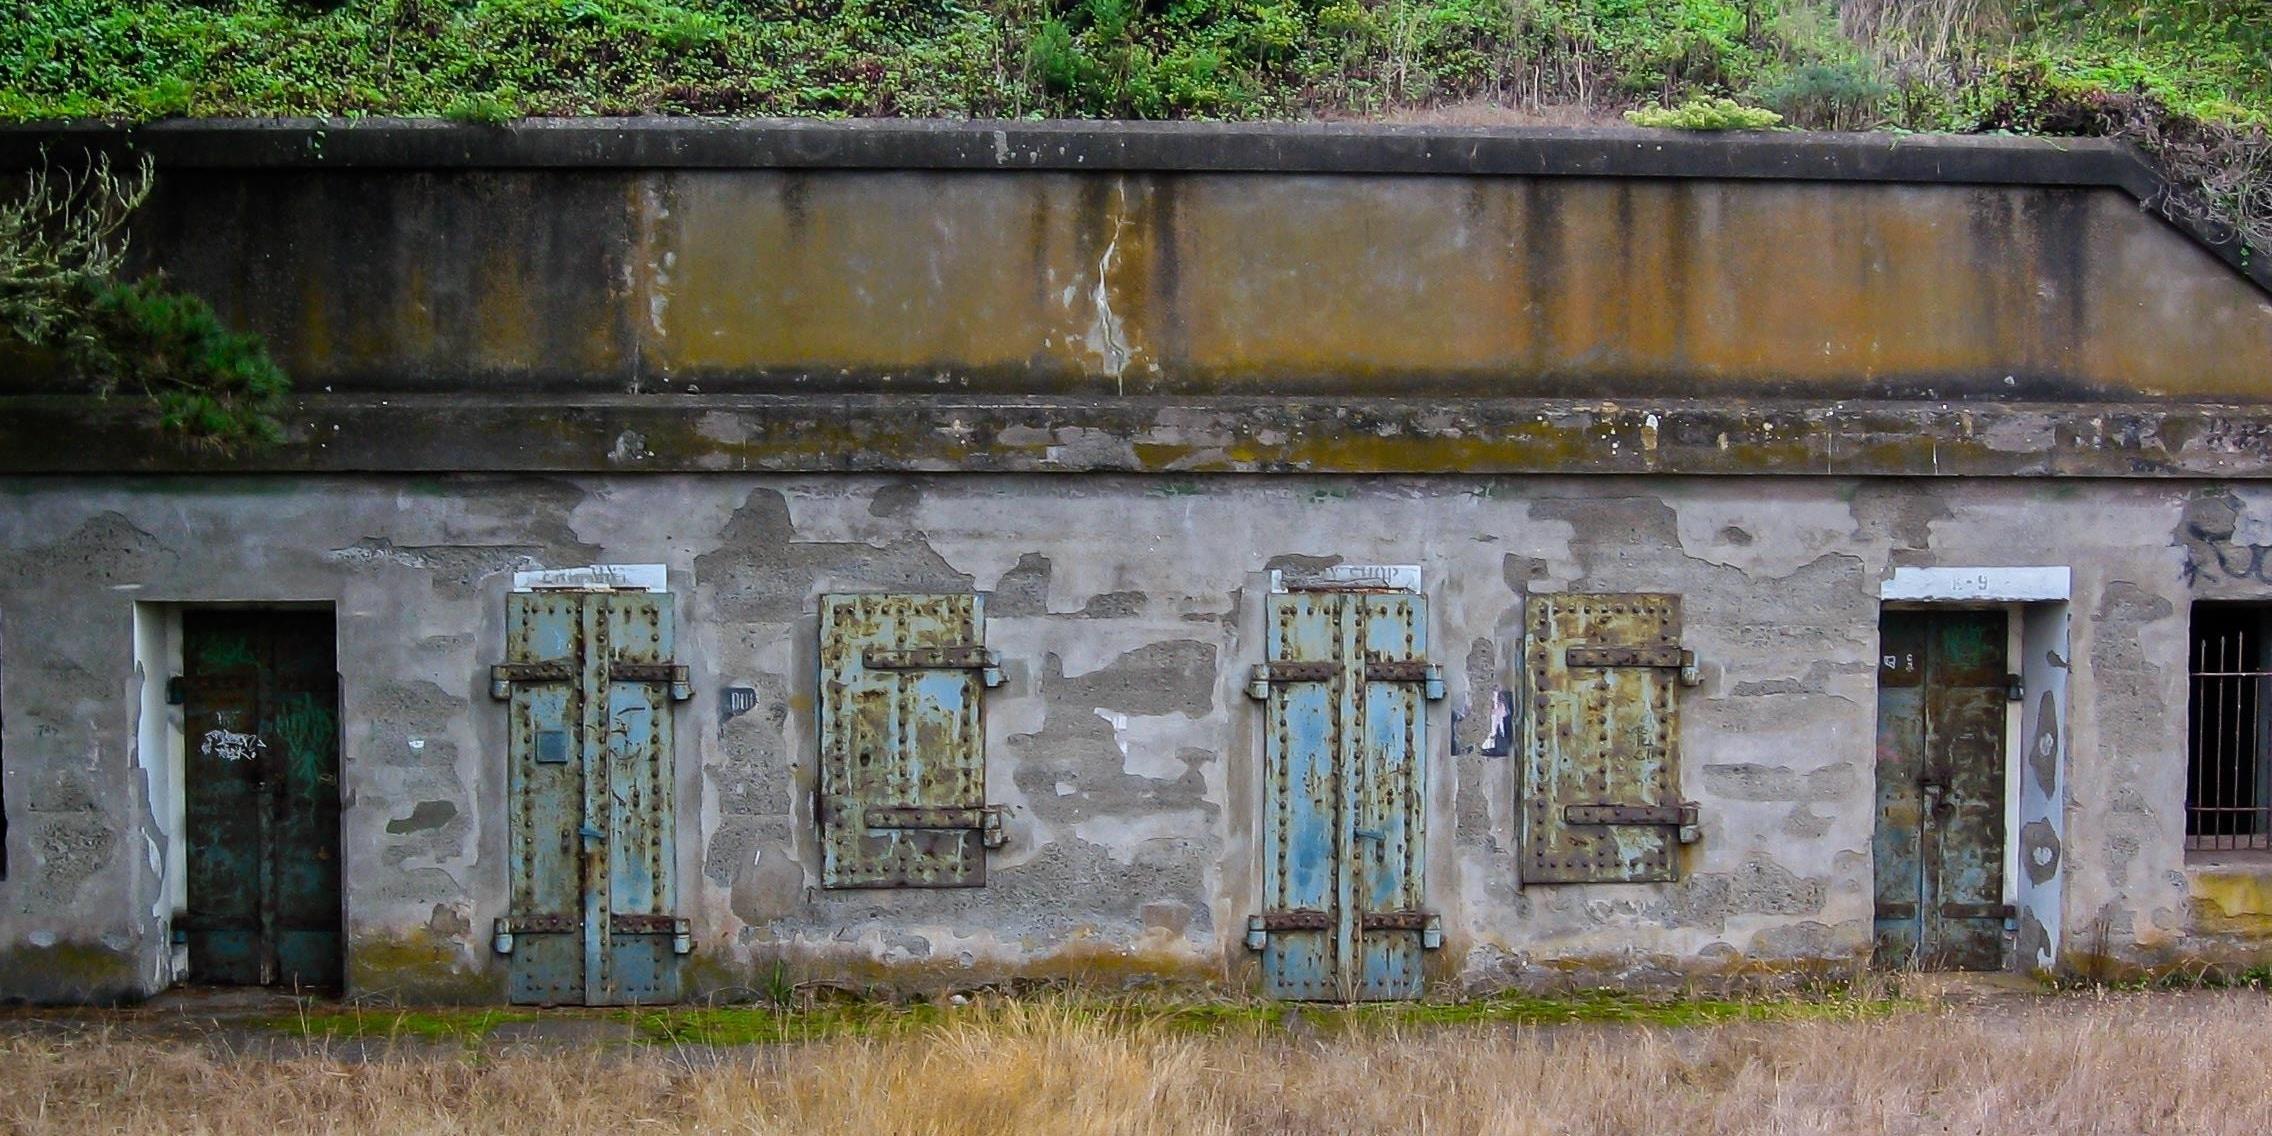 Battery Alexander near Battery Mendell